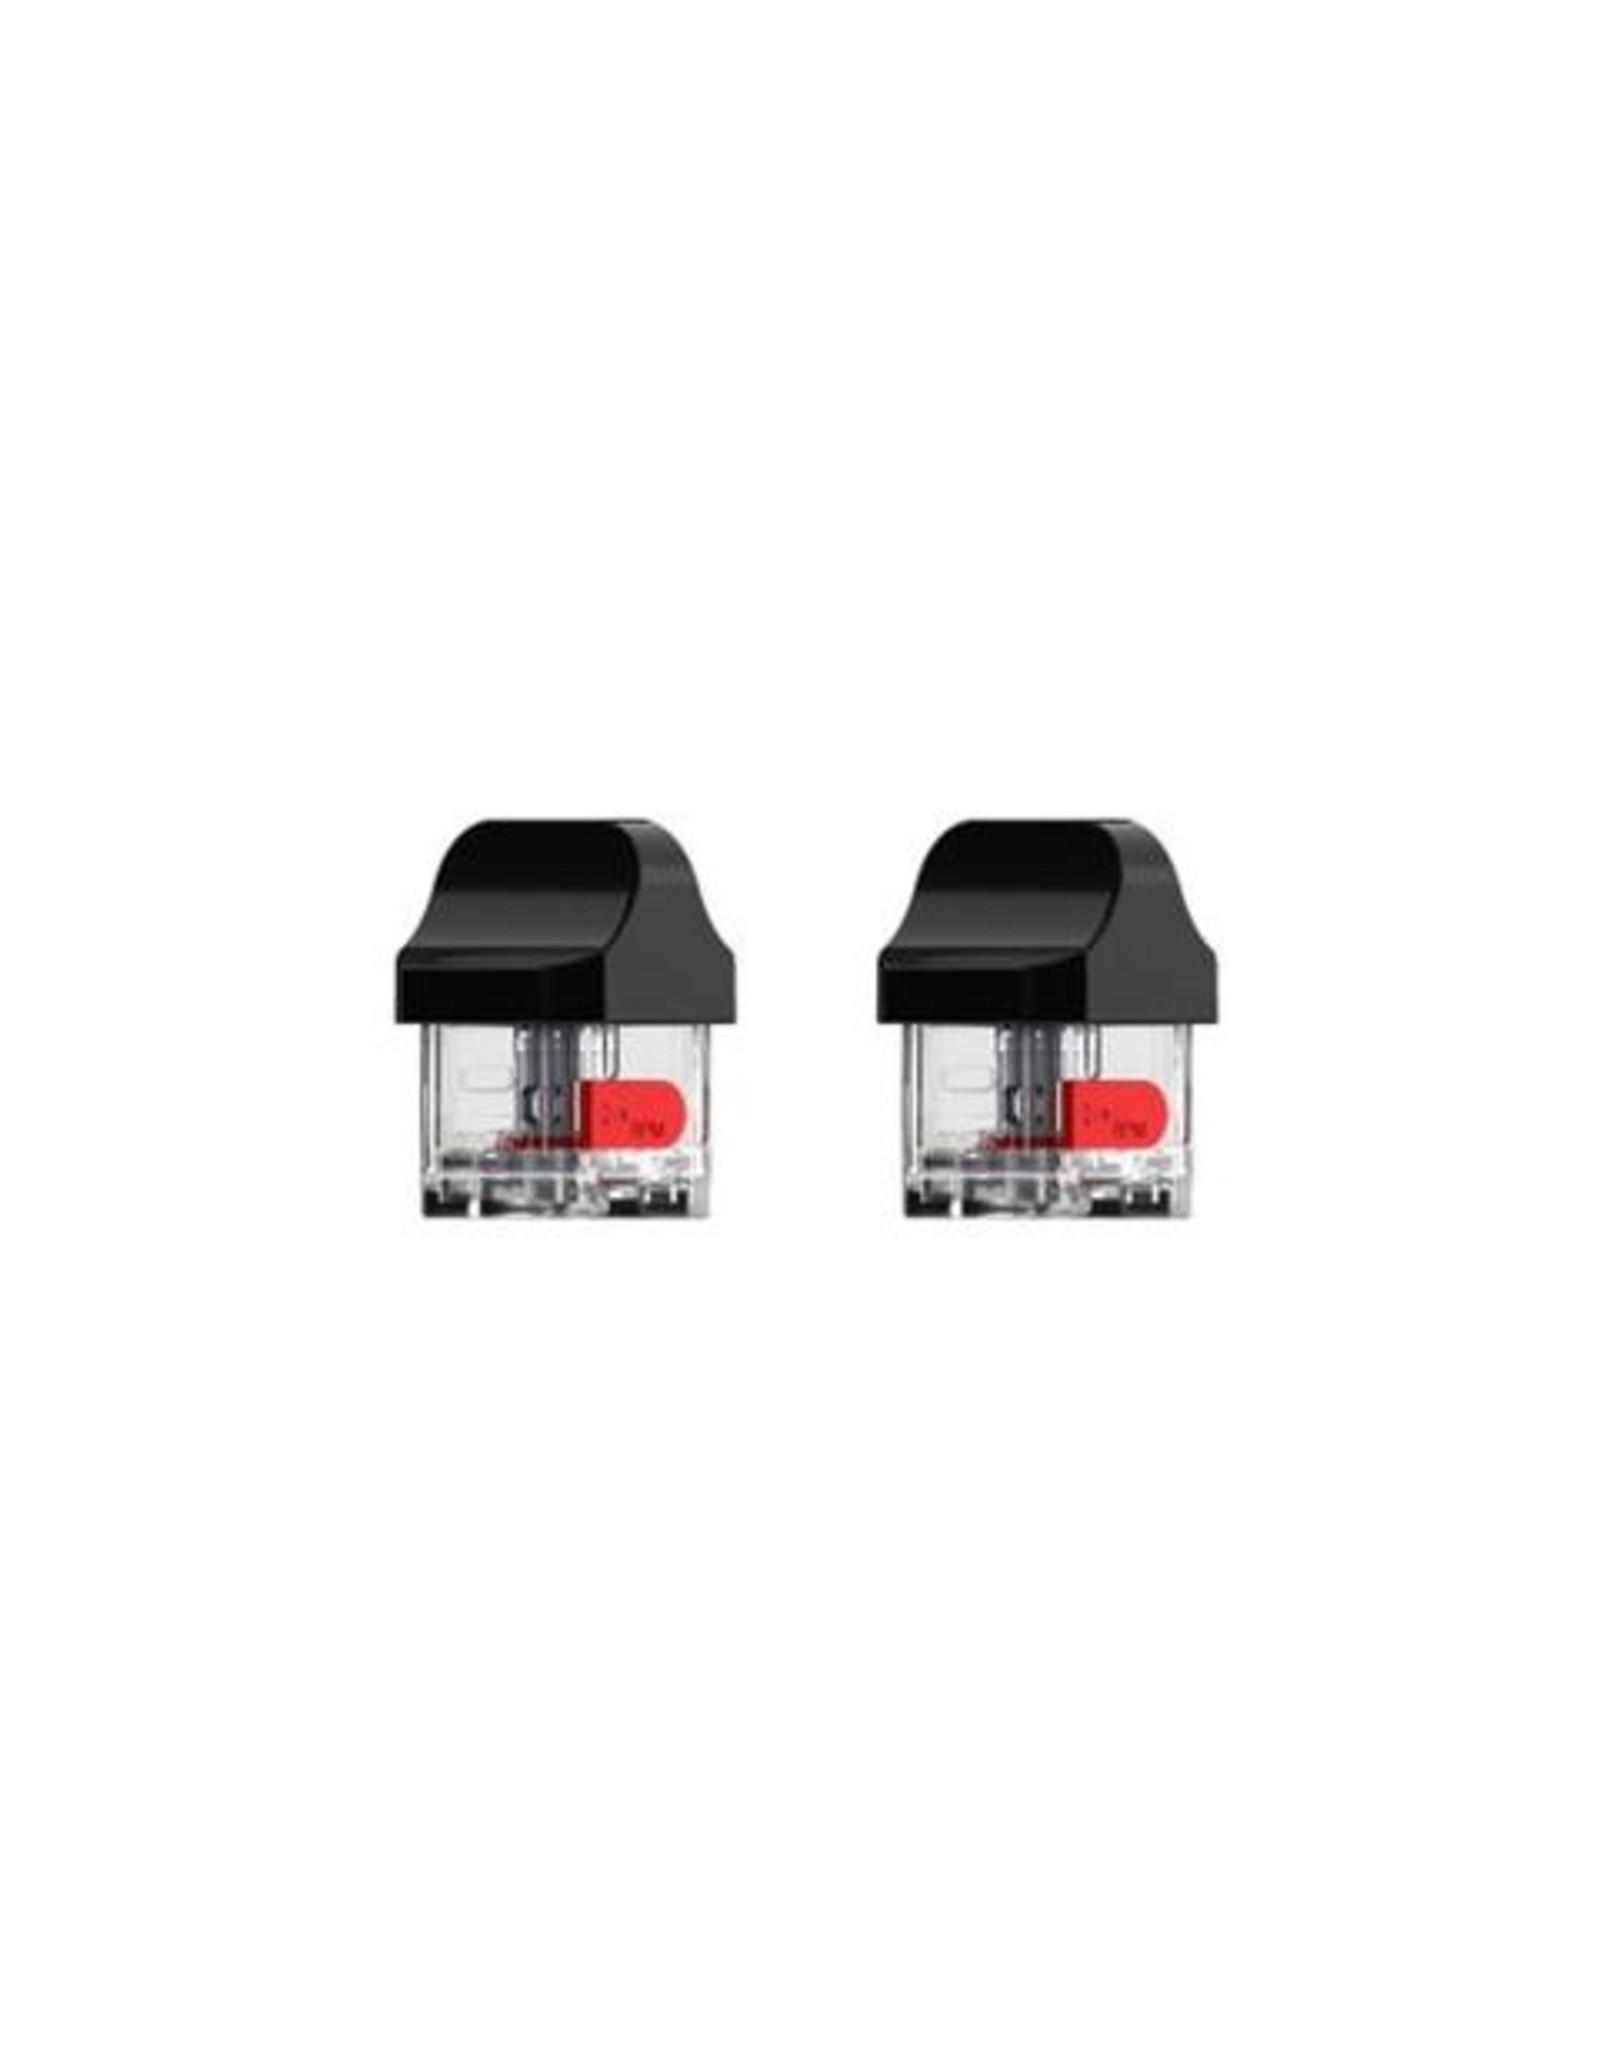 SMOK SMOK RPM40 Replacement POD (3PK)